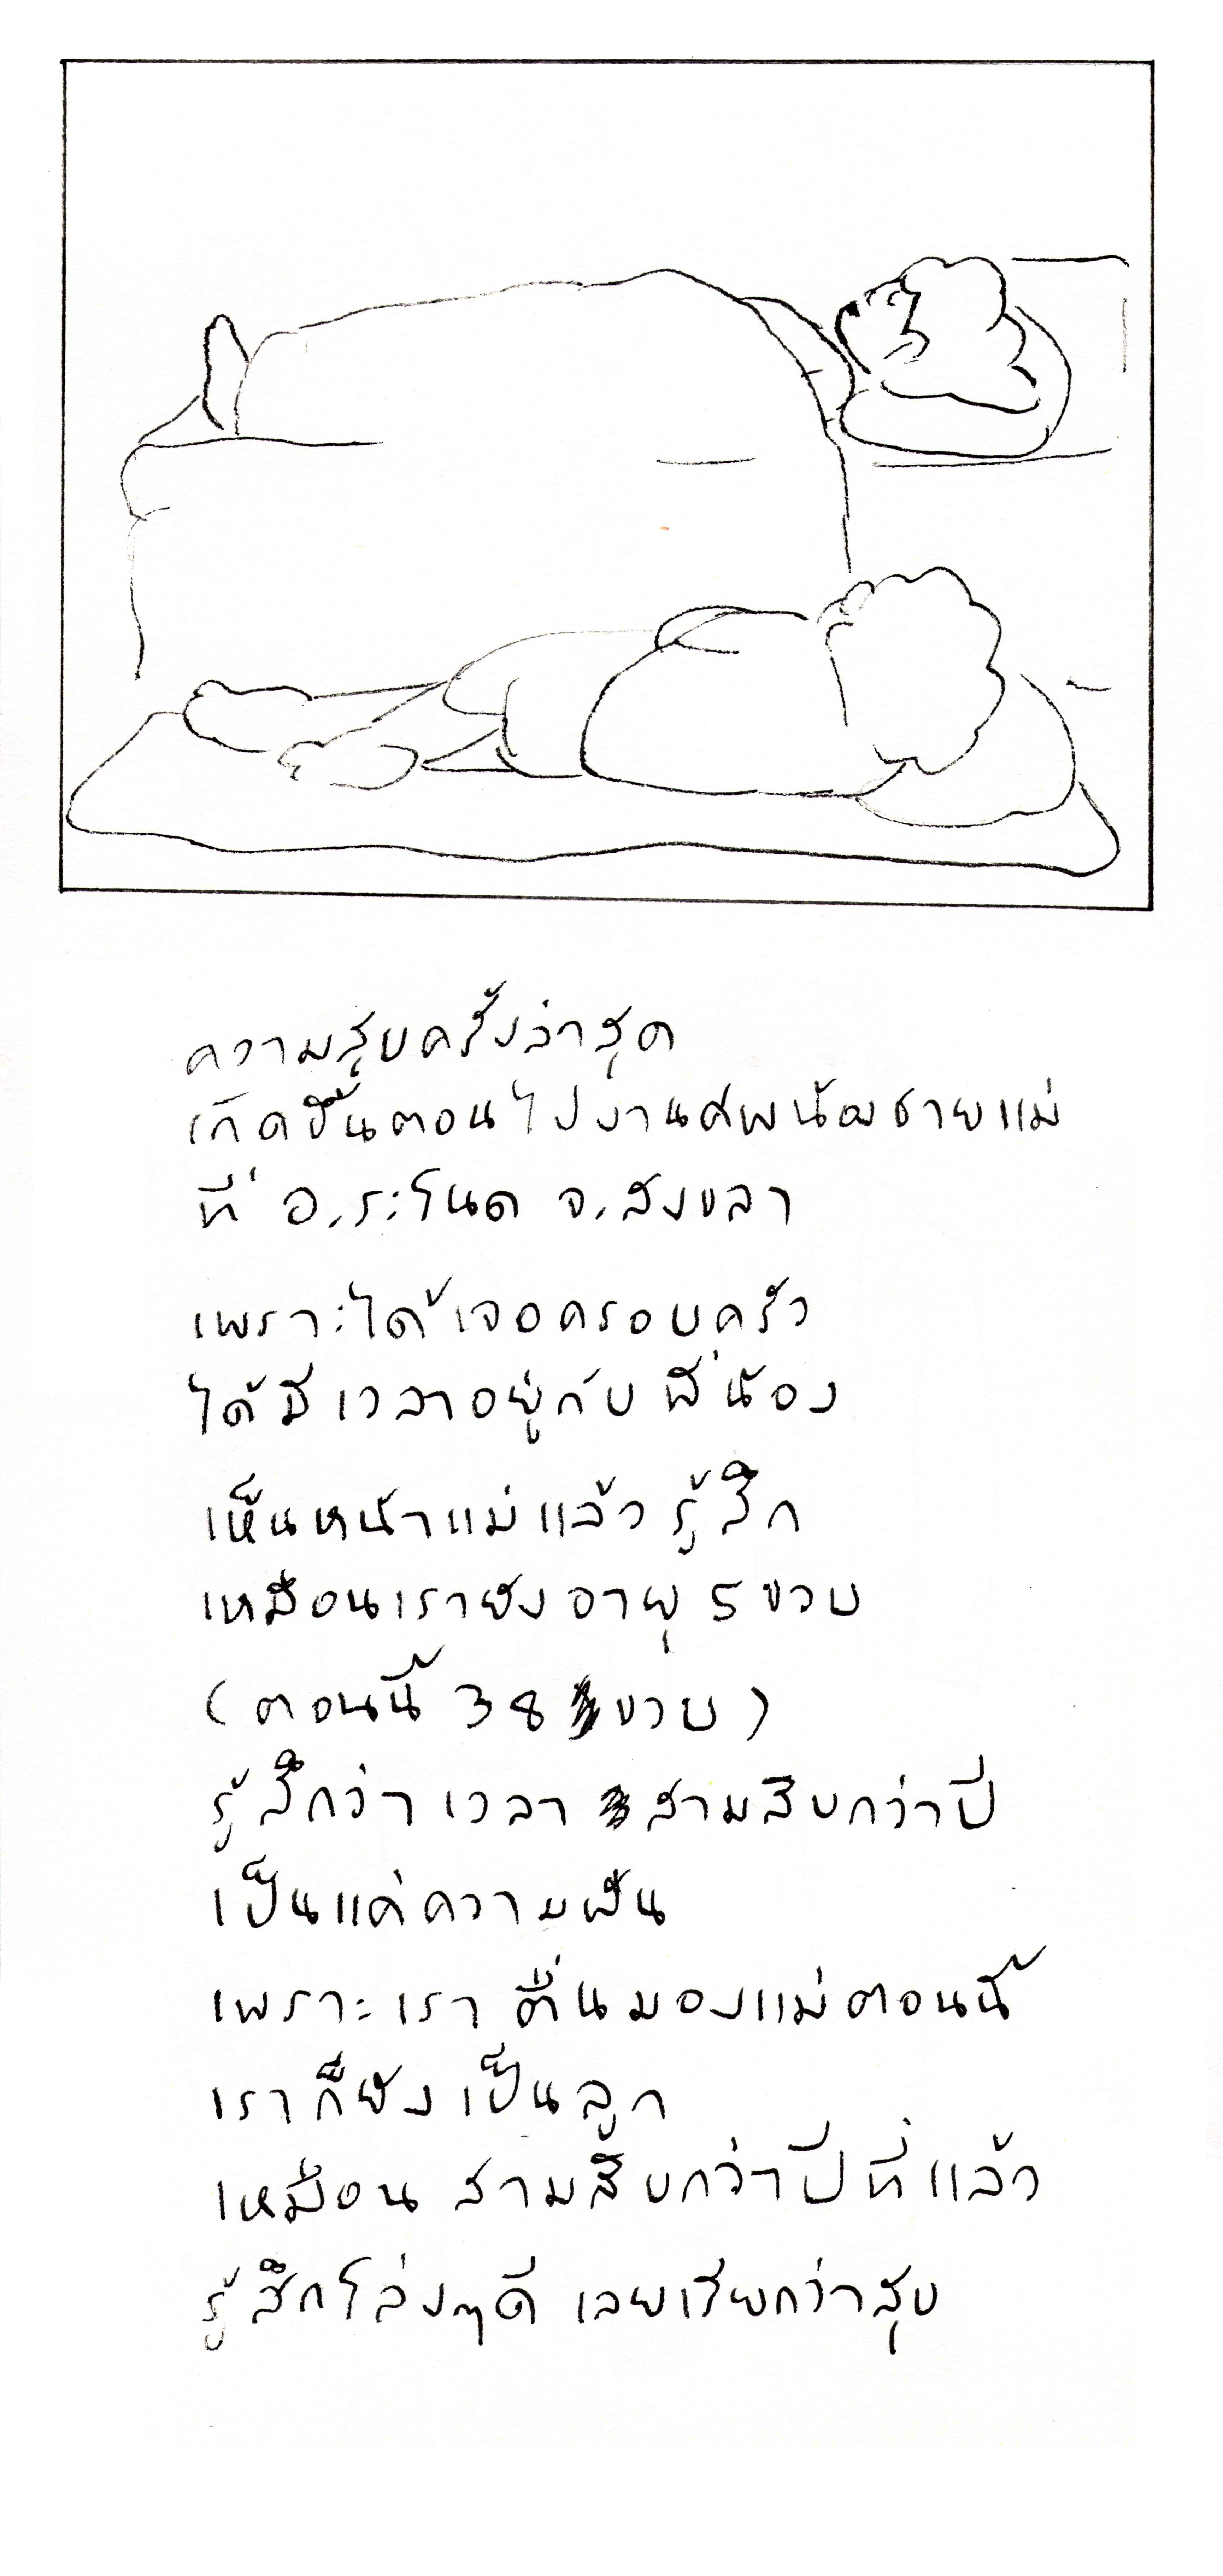 พี่ตั้ม 01